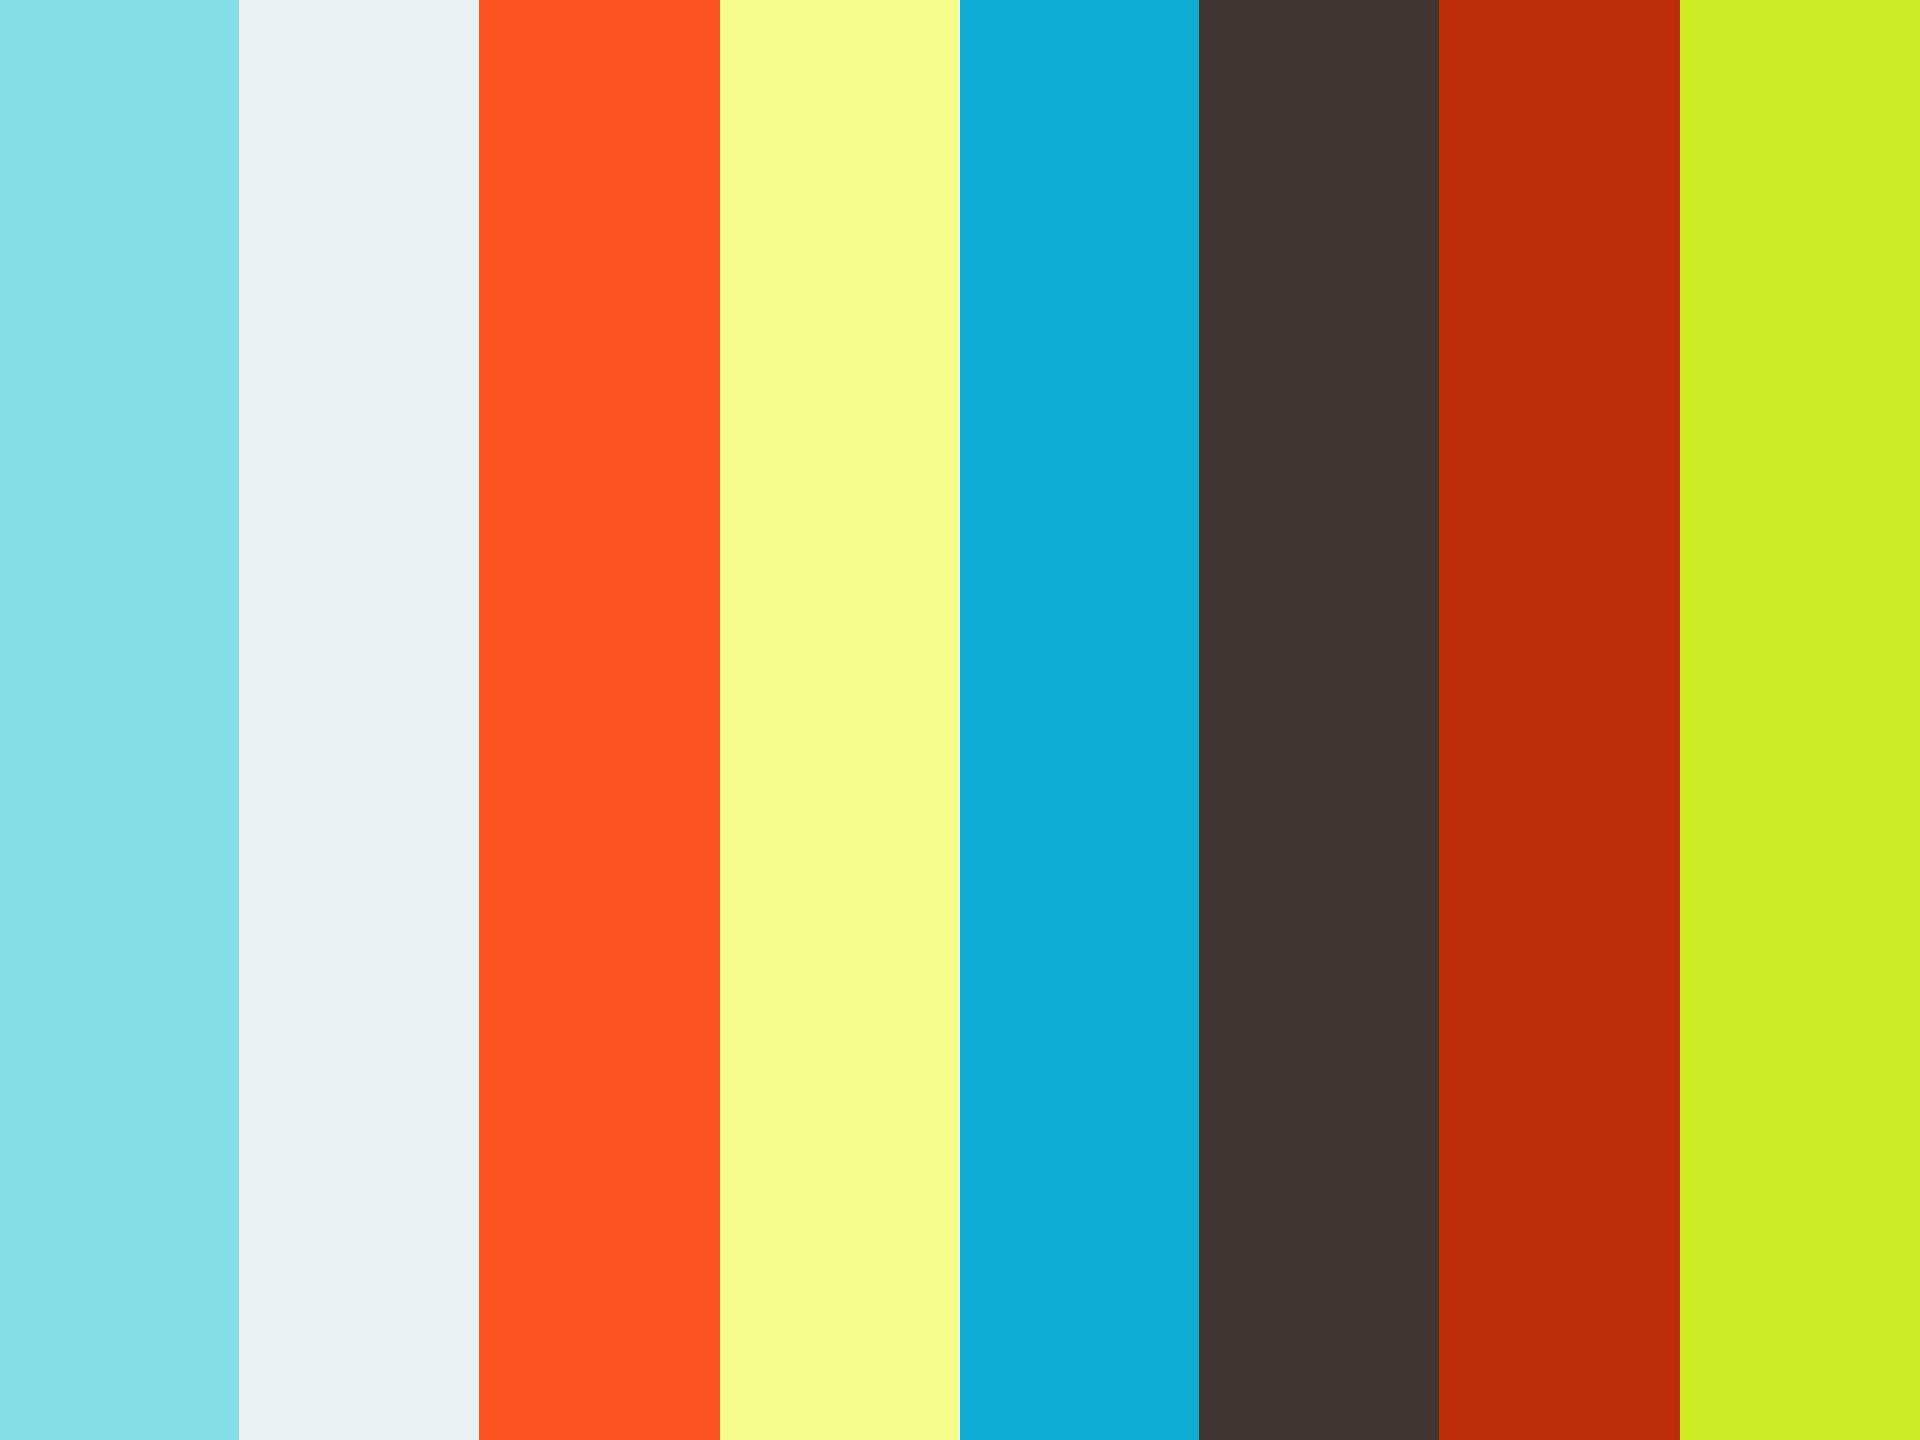 【1週間無料公開】第16回 日本顕微鏡歯科学会 学術大会:青木啓高先生:補綴処置の精密歯科治療を極める技工サイドからの提言 Part1